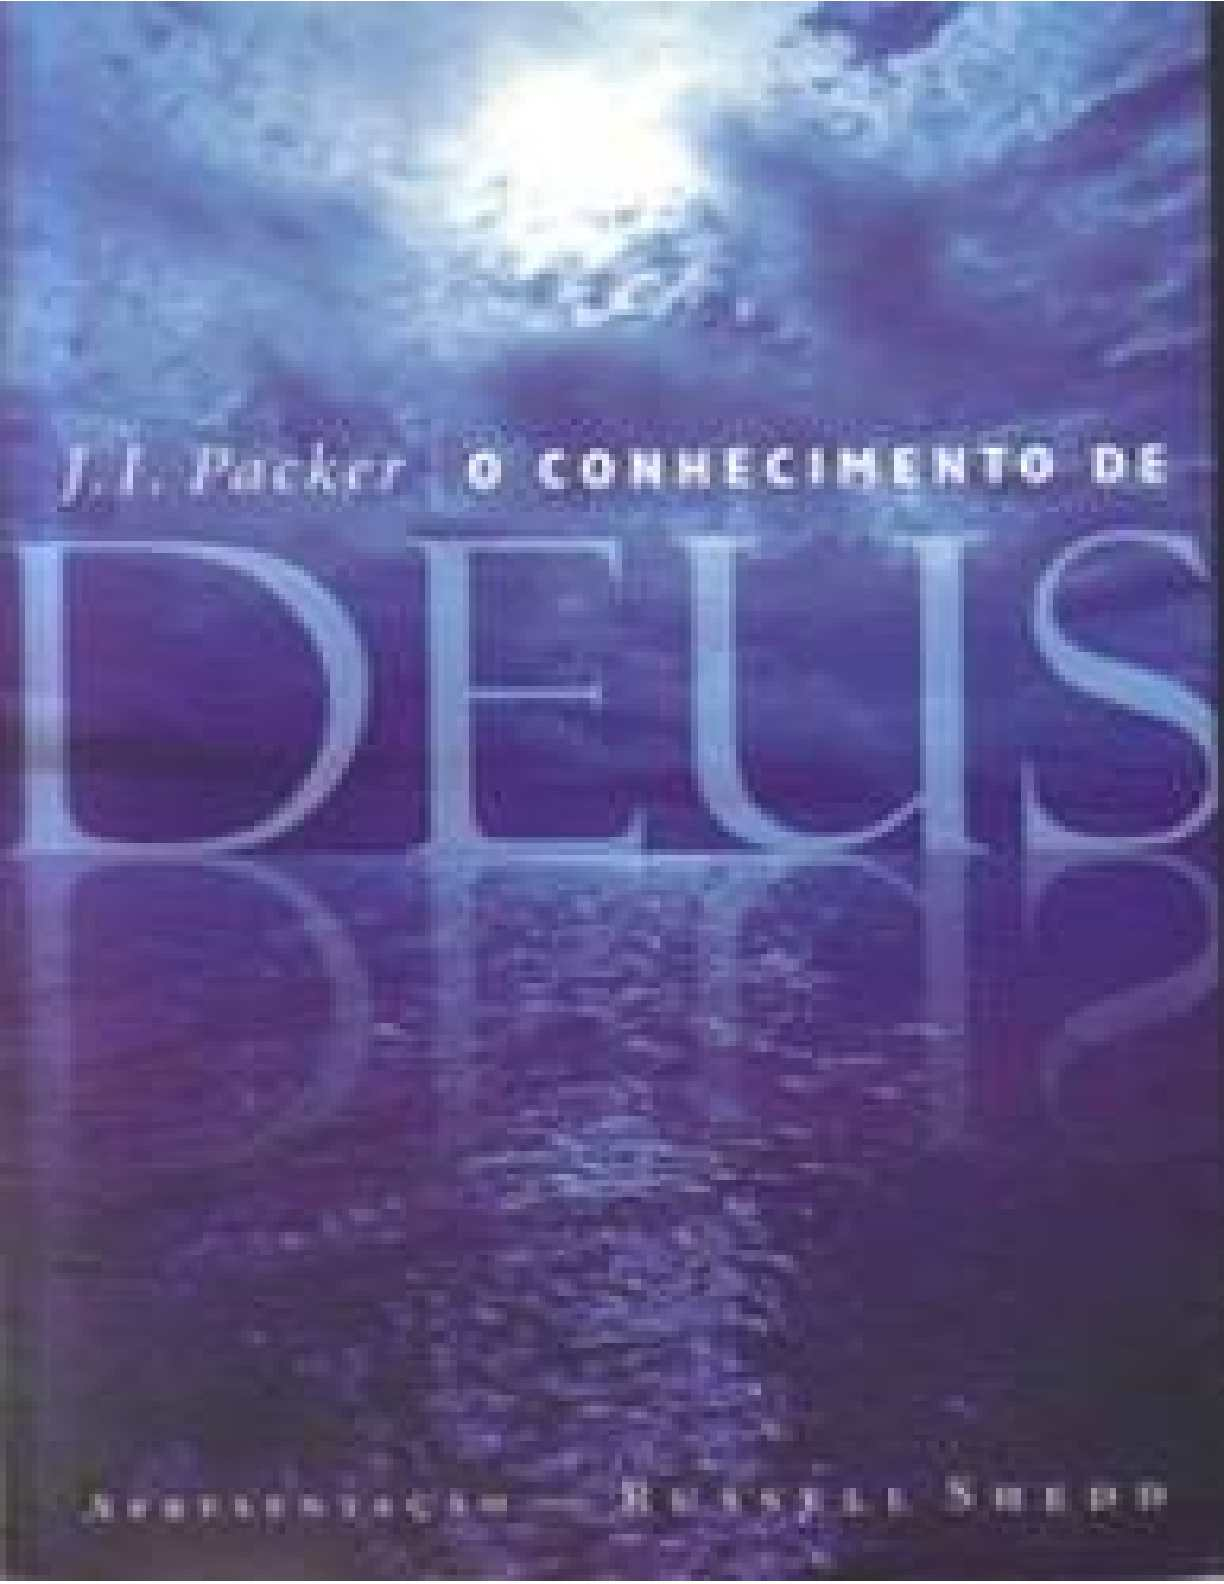 J. I. Packer - O Conhecimento de Deus